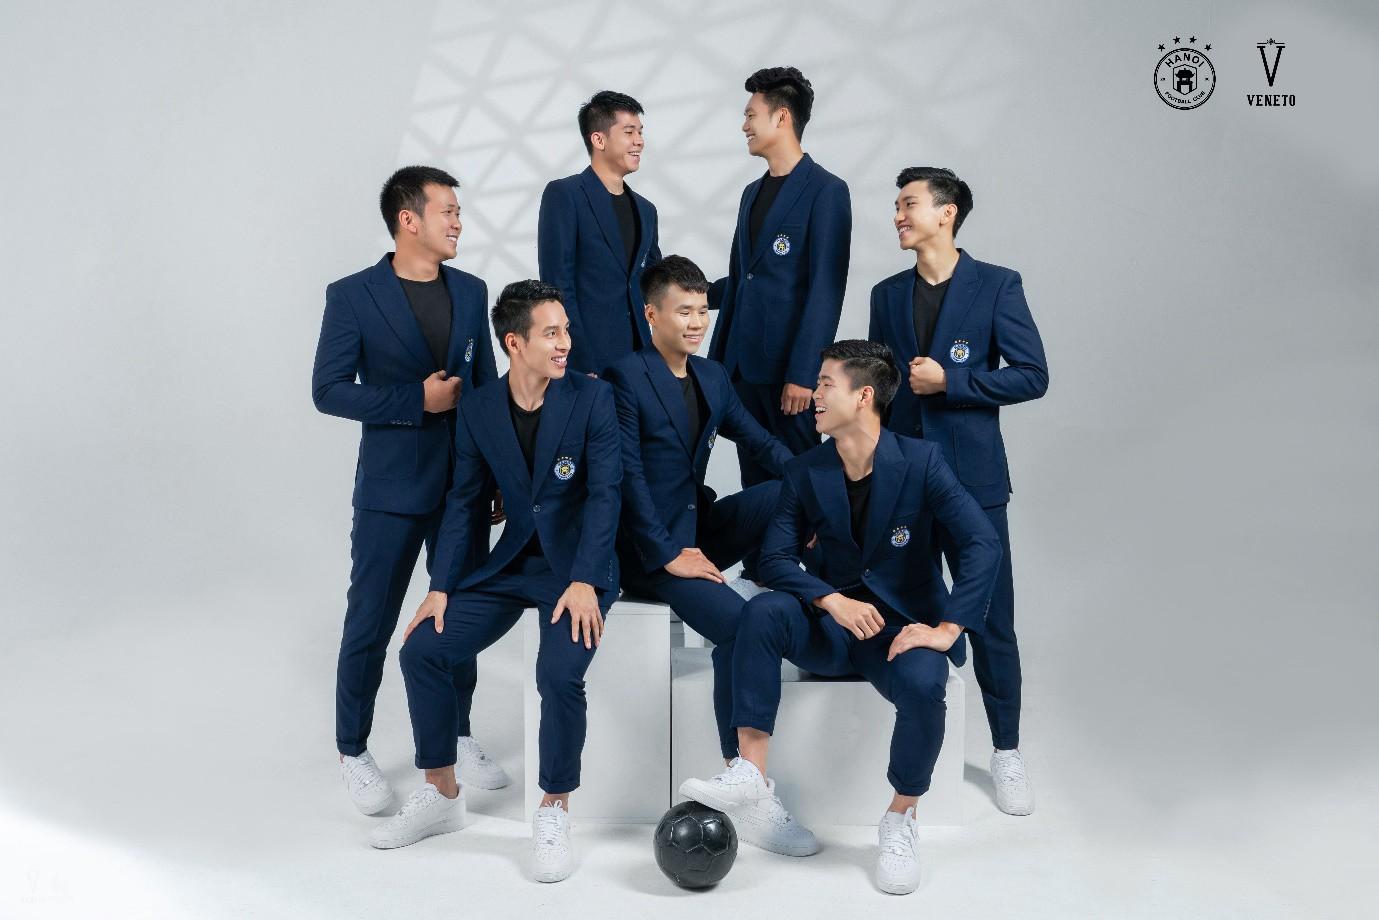 """Đâu chỉ tài năng trên sân cỏ, Quang Hải và đồng đội còn bảnh như """"nam thần"""" trong bộ veston Veneto lịch lãm - Ảnh 4."""